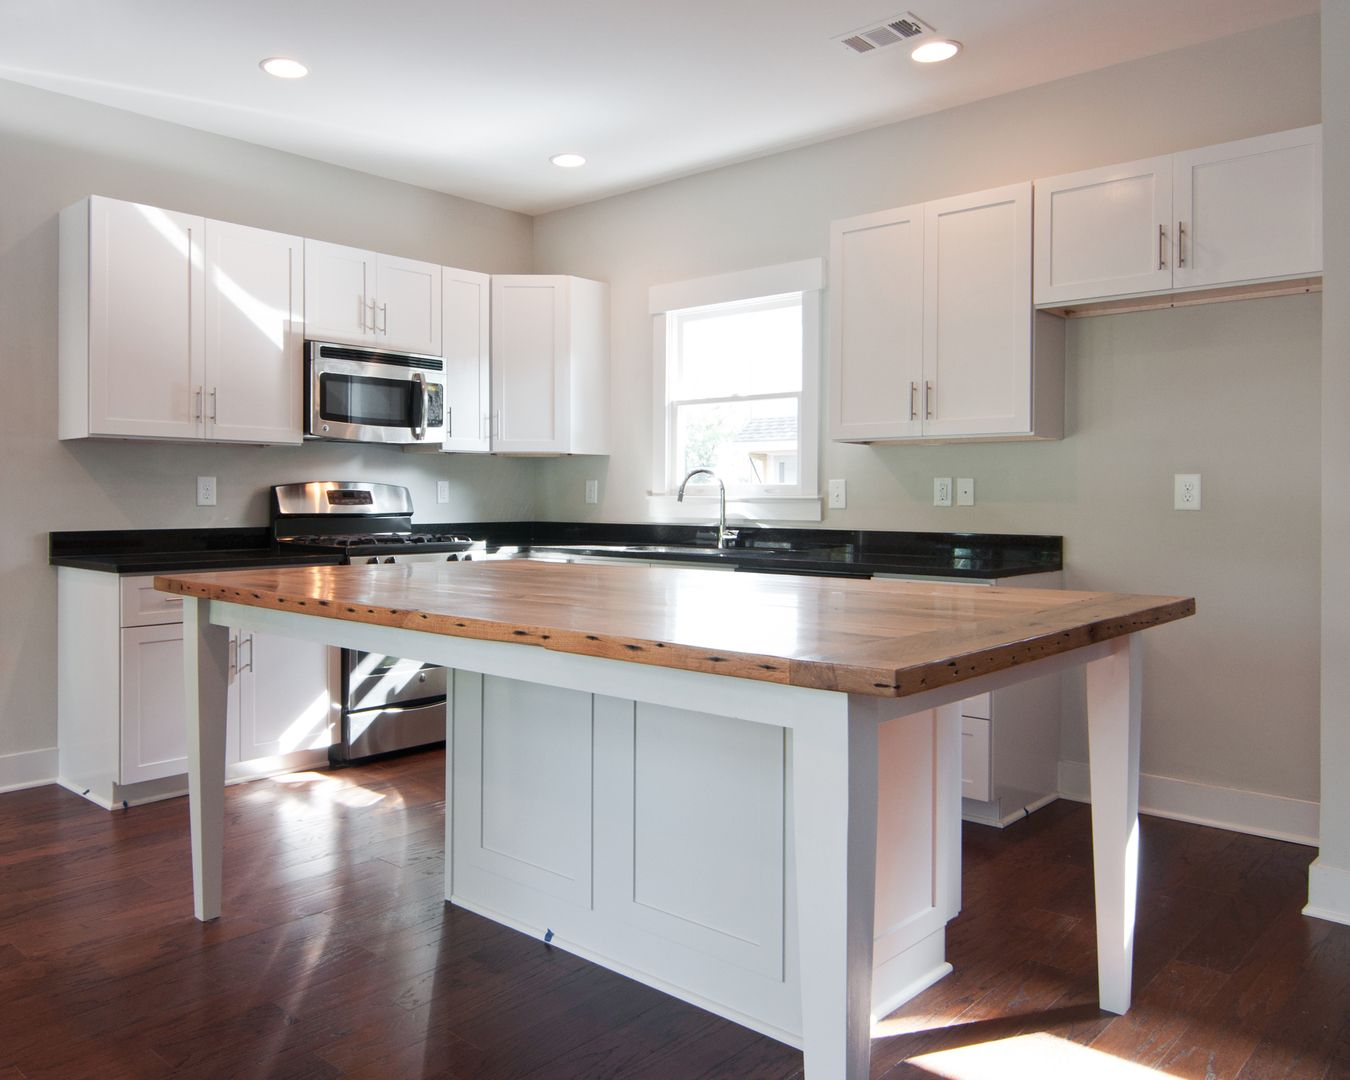 Our Work Kitchen Cabinets Nashville Tn Builder Supply Source